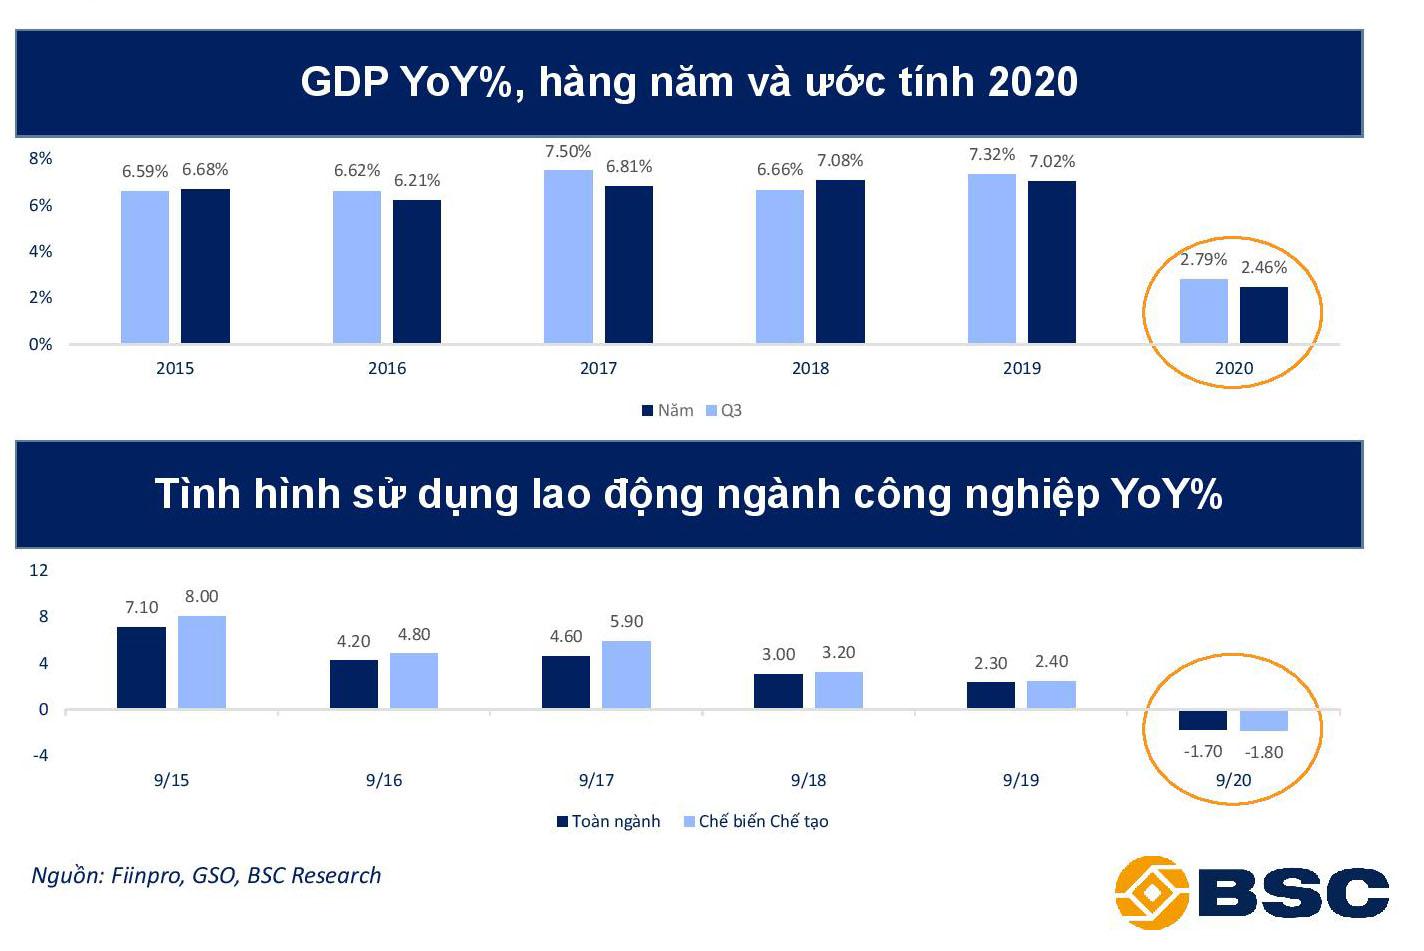 BSC: Kinh tế dần bình ổn sau dịch, cẩn trọng một số rủi ro ảnh hưởng tiêu cực tới GDP - Ảnh 2.